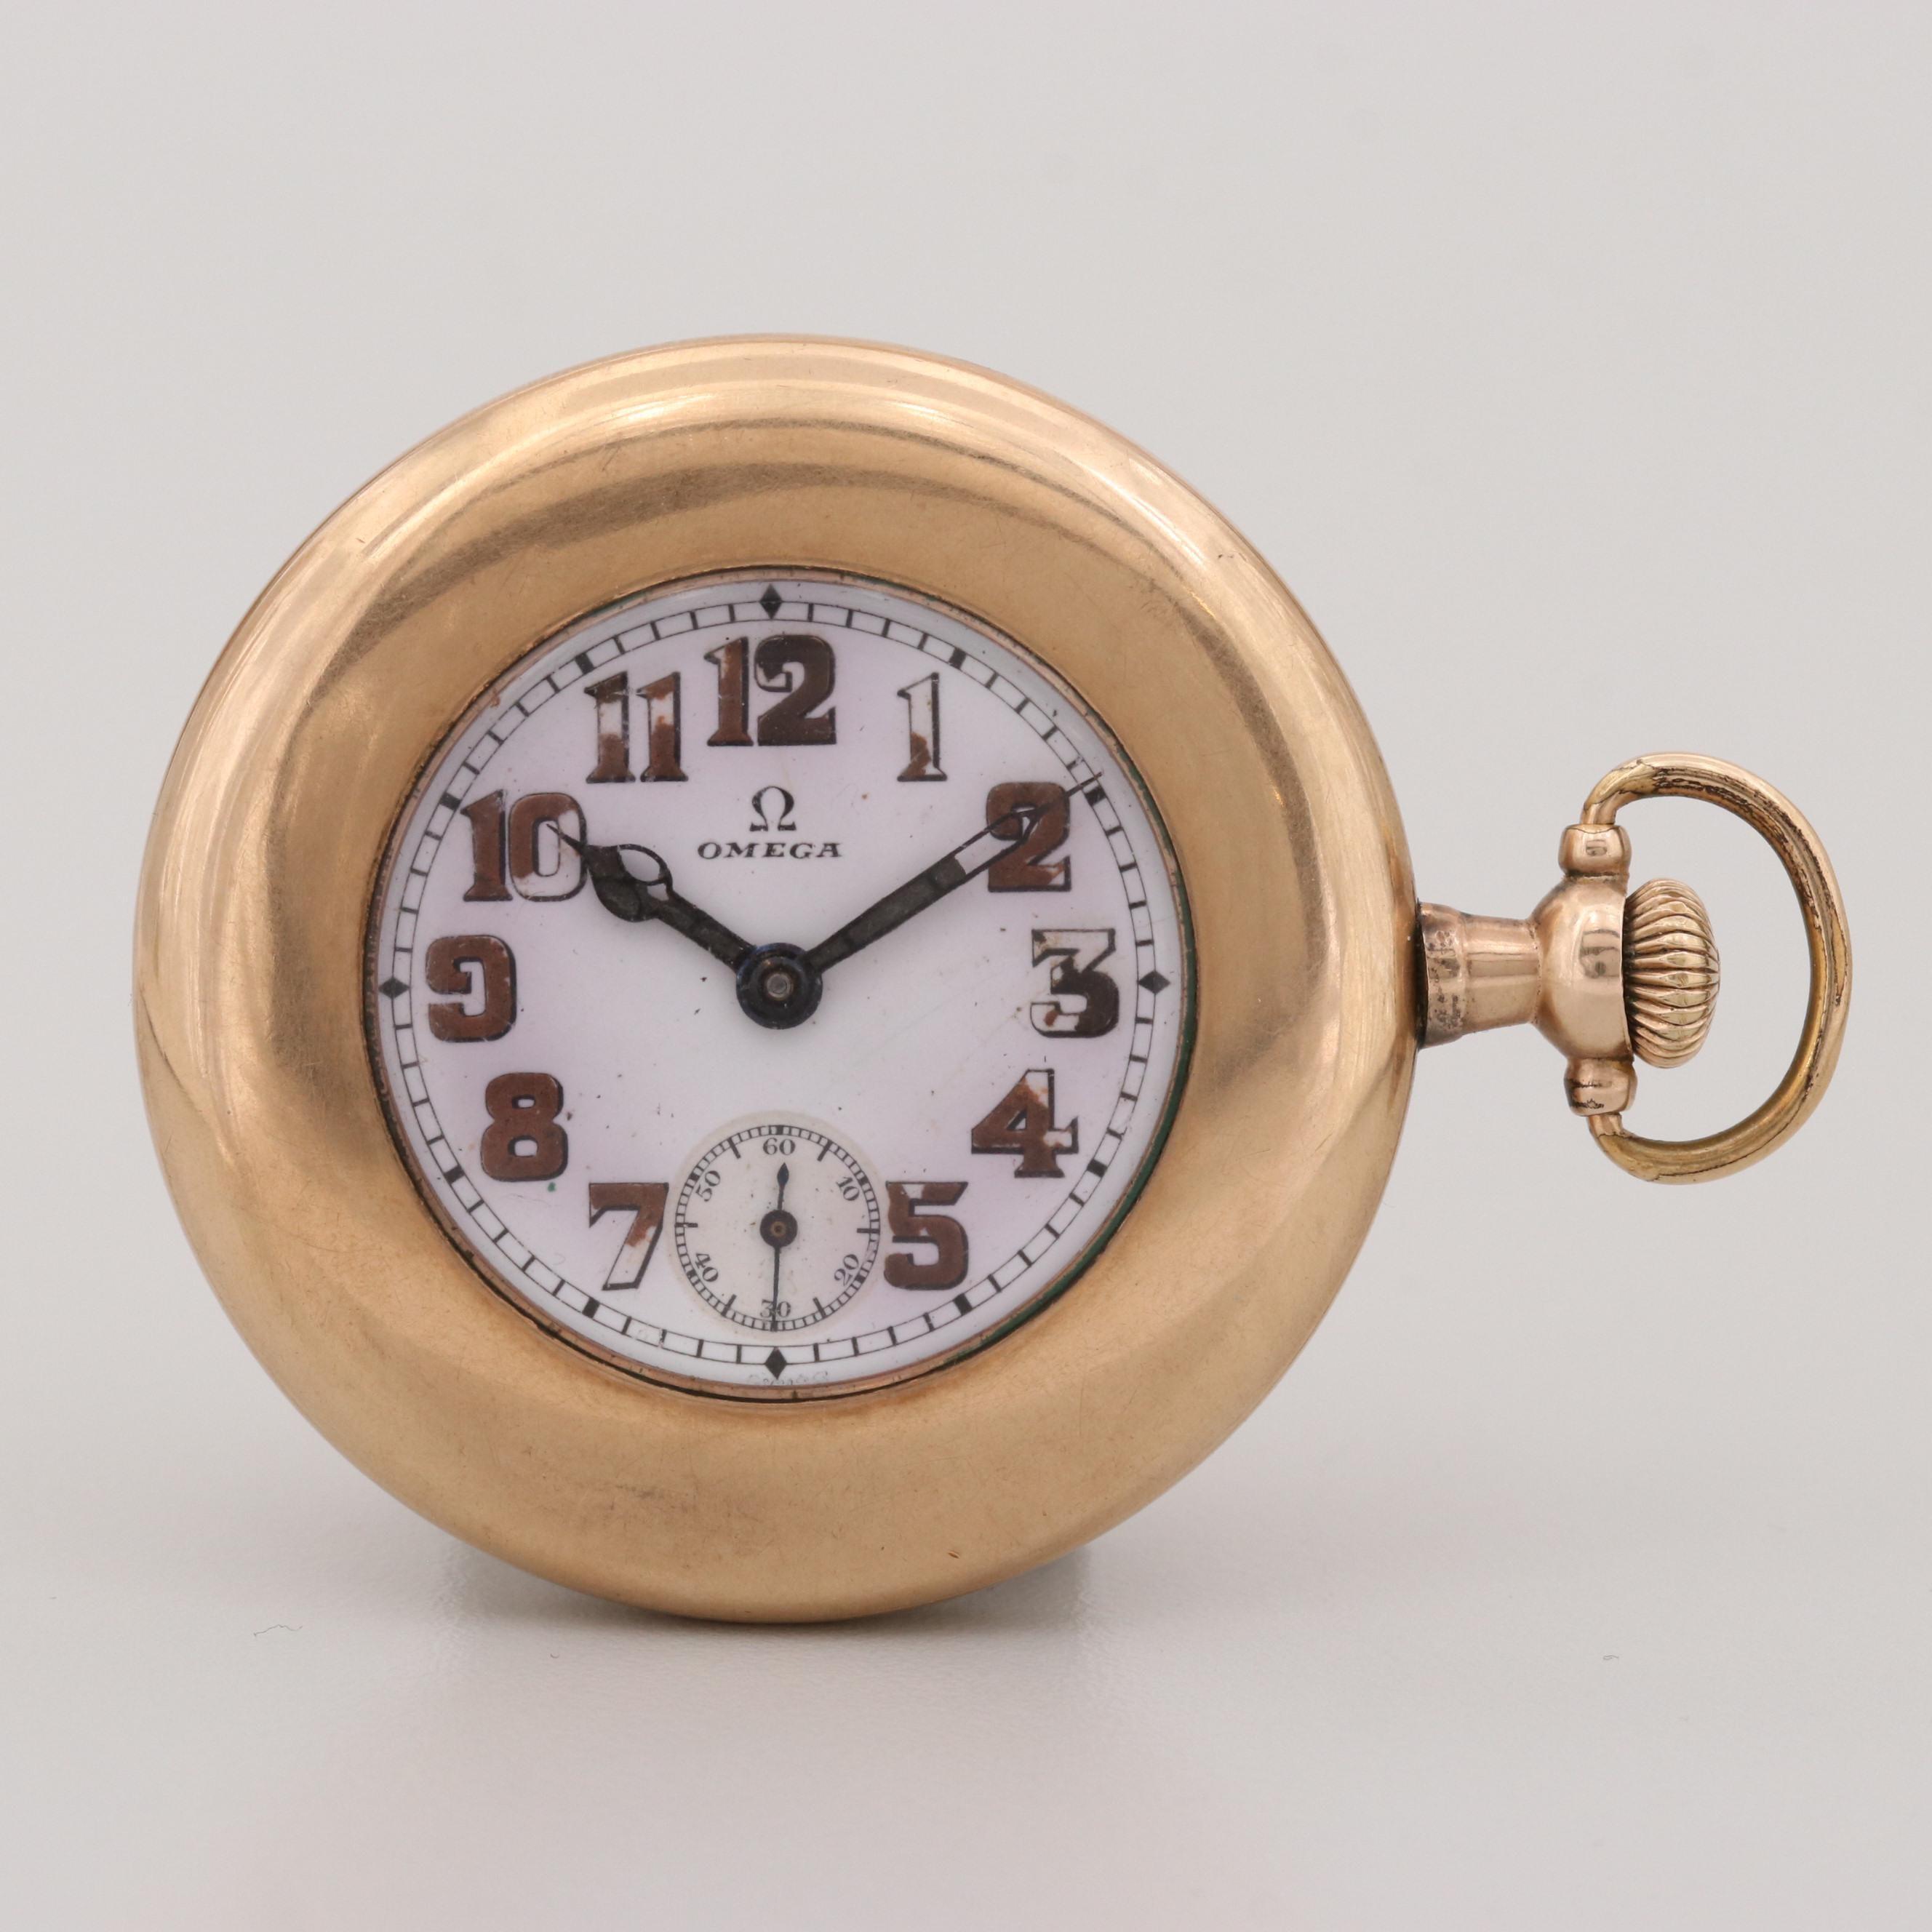 Omega Gold Filled Sidewinder Pocket Watch, 1912-1915